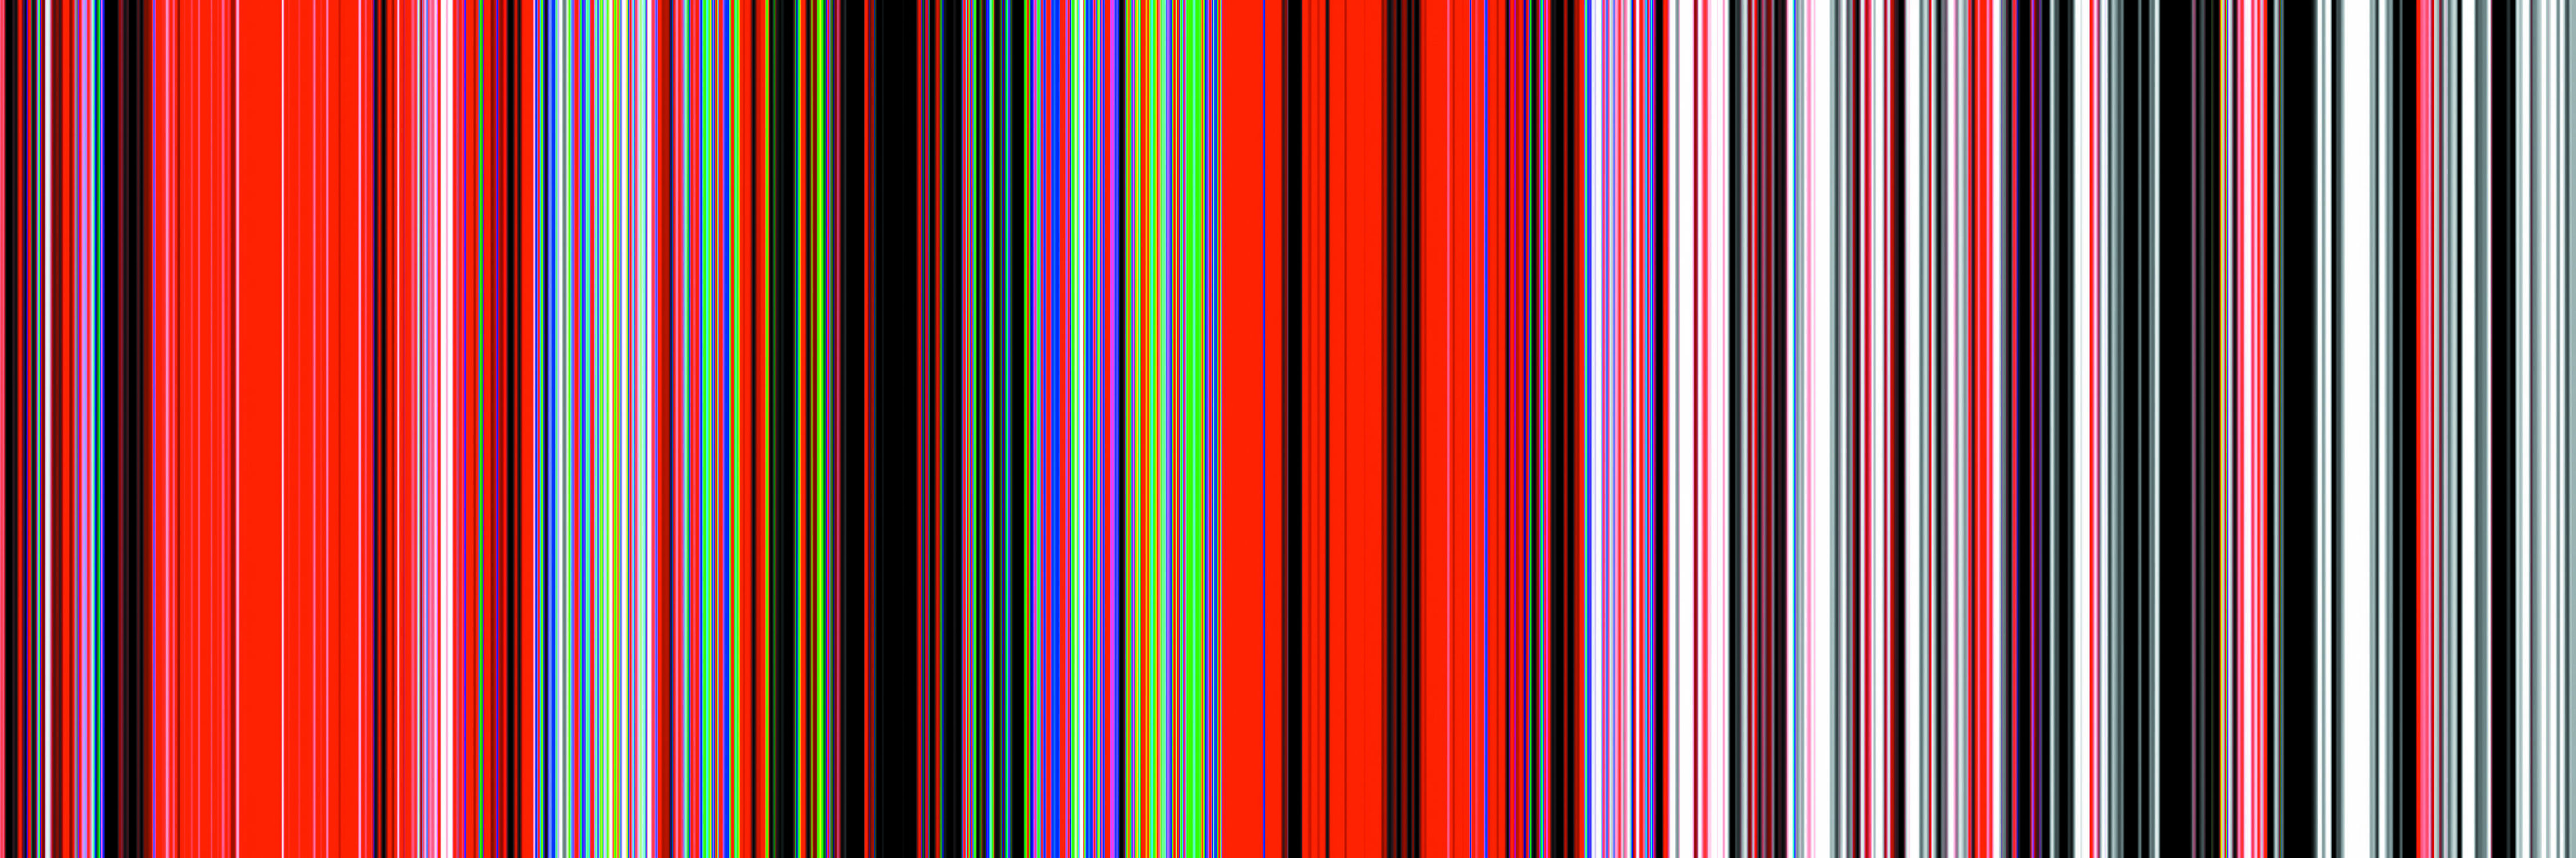 Bild mit Farben, Kunst, Rosa, Rot, Magenta, Illustration, Abstrakt, Abstrakte Kunst, Abstrakte Malerei, Kunstwerk, Streifen, Bunt